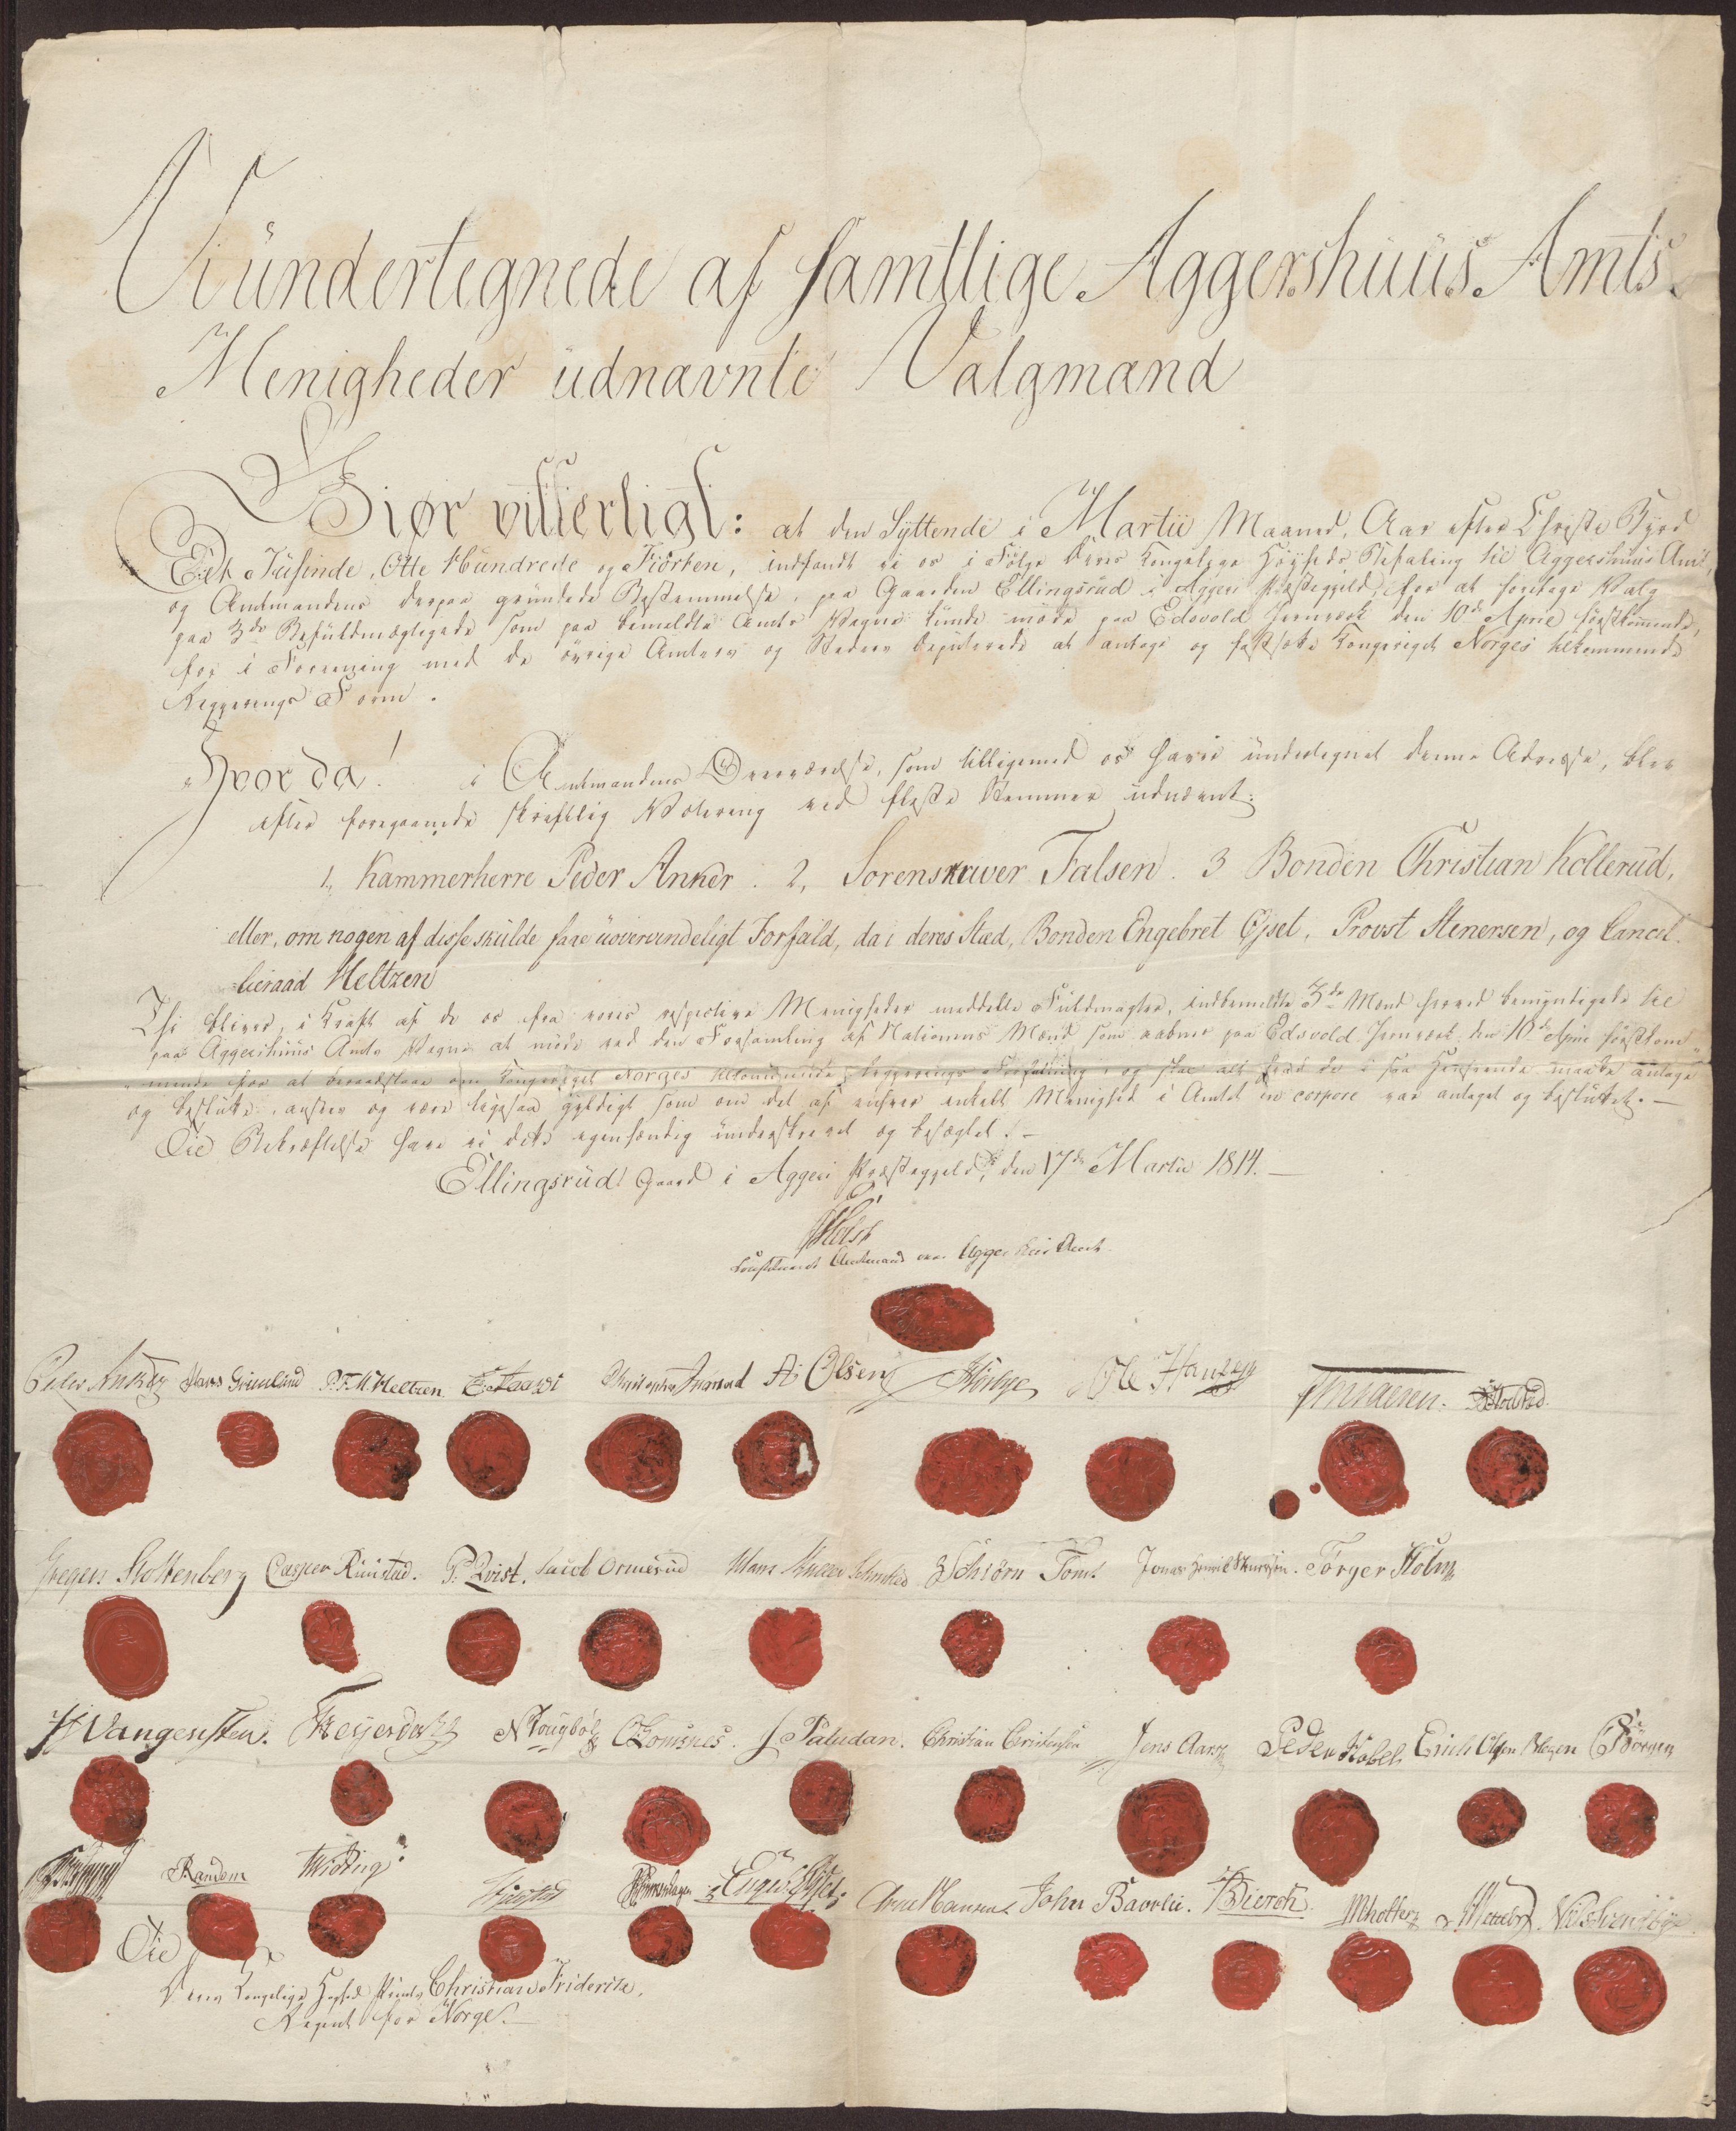 RA, Statsrådssekretariatet, D/Db/L0007: Fullmakter for Eidsvollsrepresentantene i 1814. , 1814, s. 172